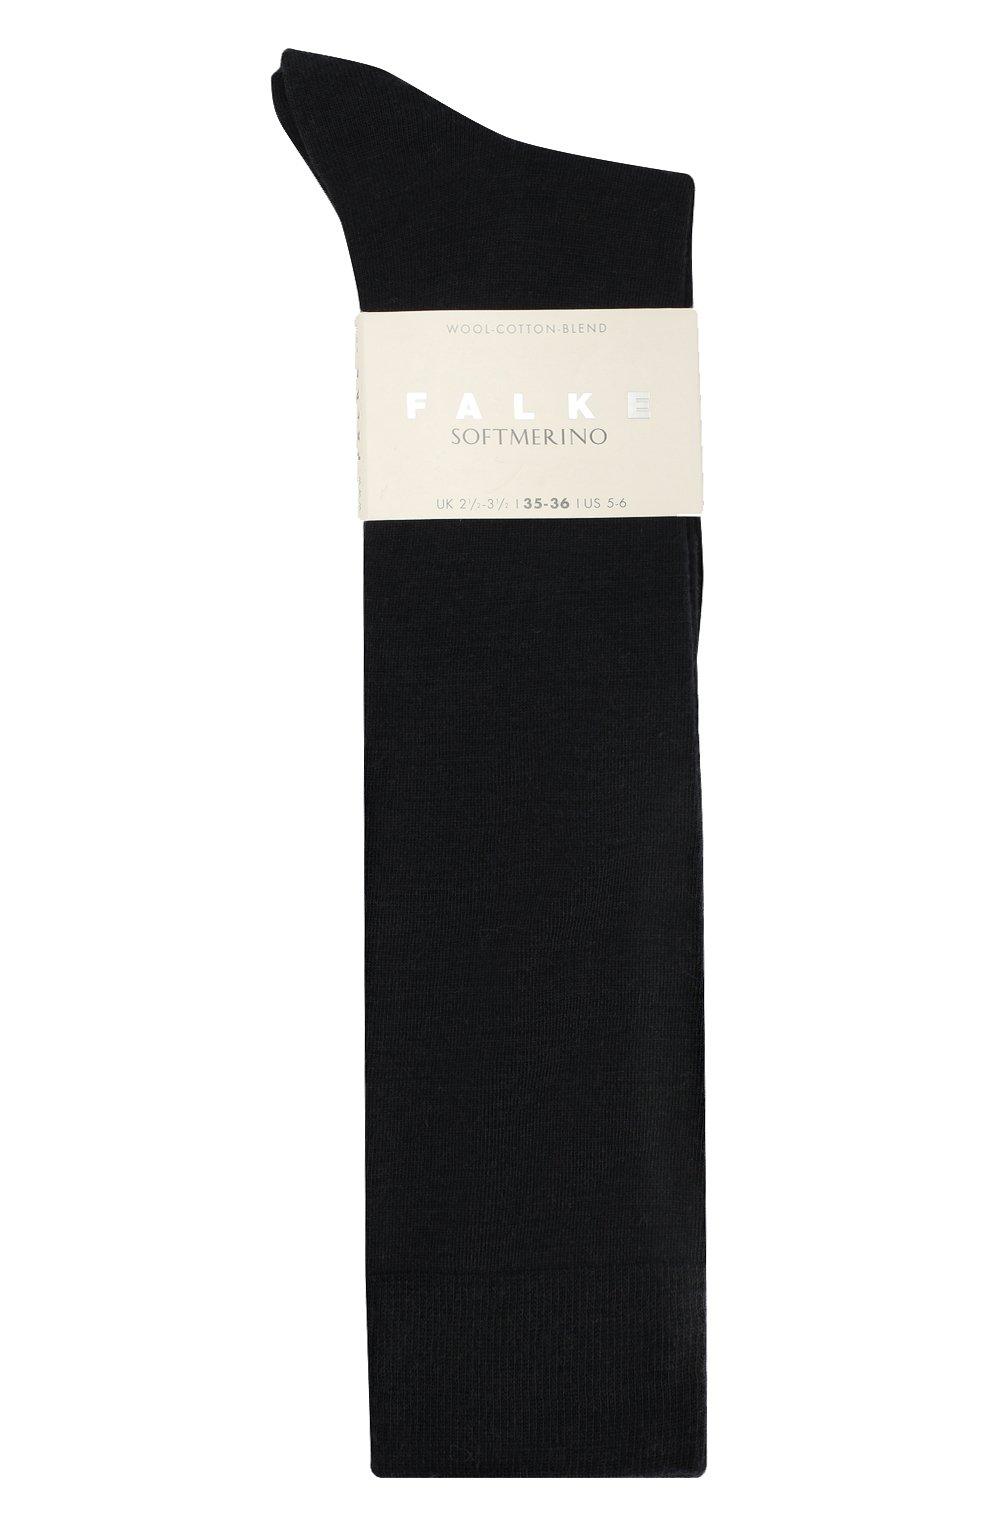 Женские гольфы softmerino из смеси шерсти и хлопка FALKE черного цвета, арт. 47438_ | Фото 3